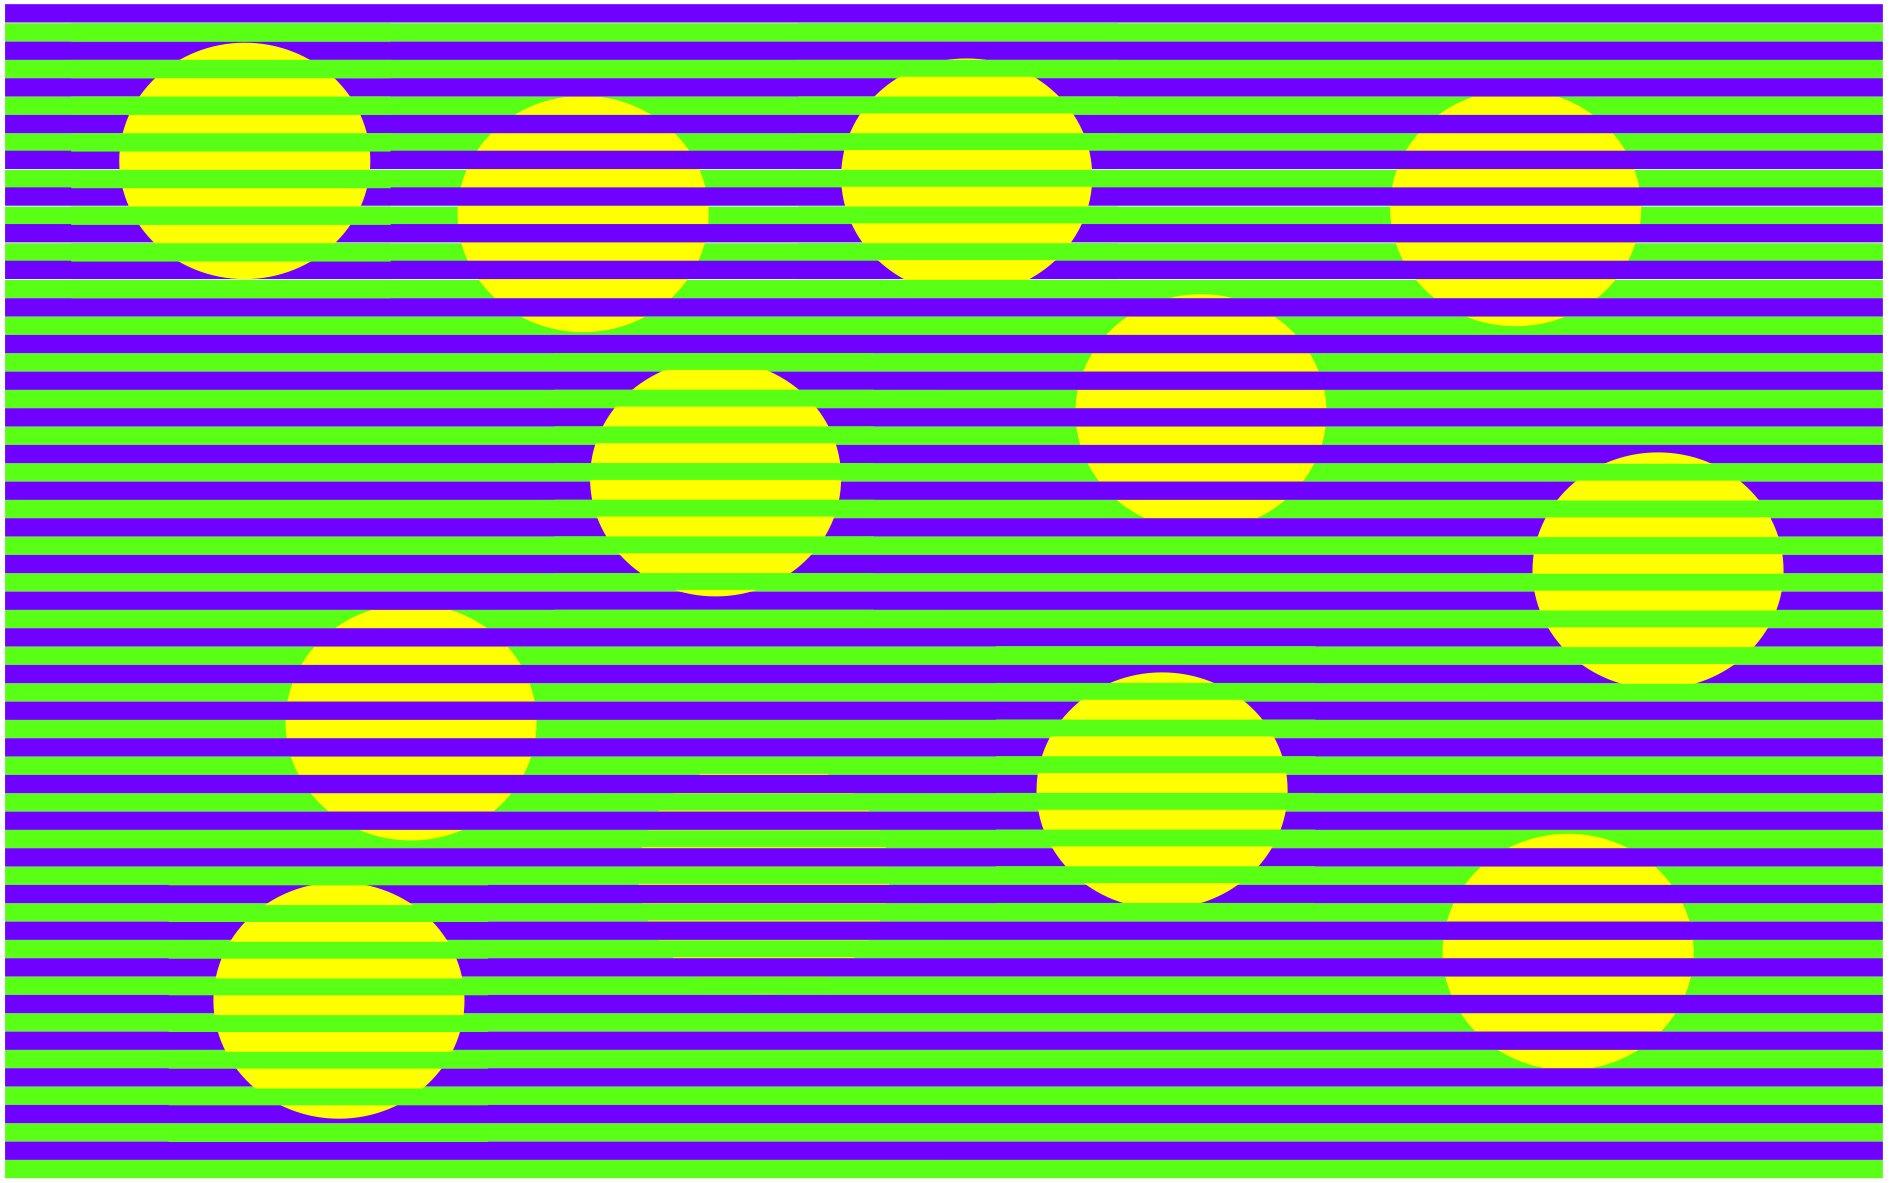 Тест на внимательность: какого цвета шарики на картинке?